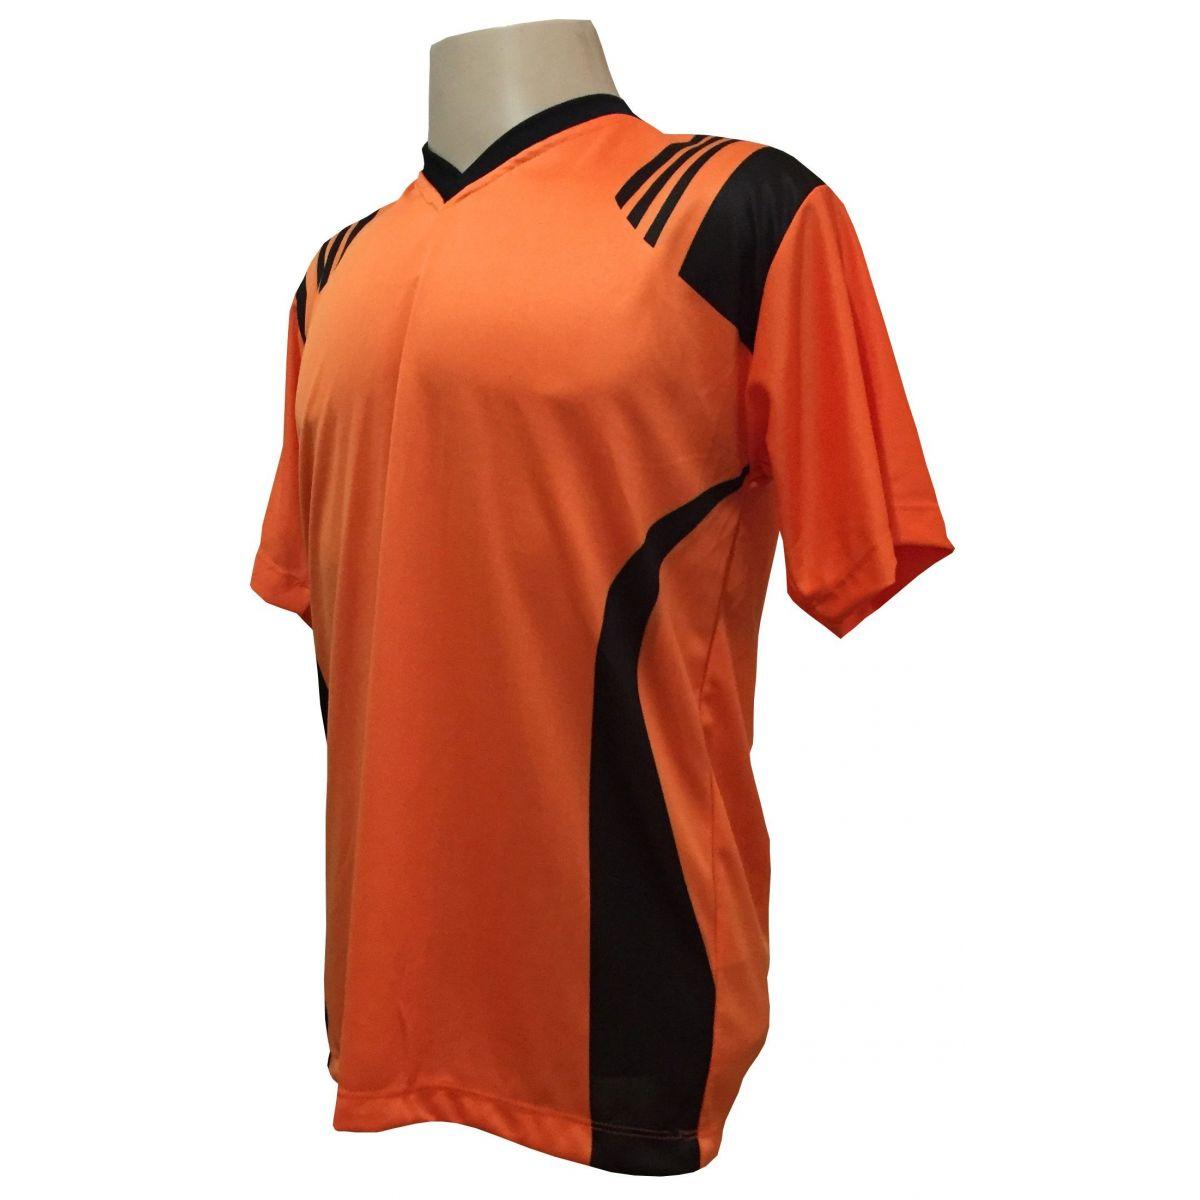 Jogo de Camisa com 12 unidades modelo Roma Laranja/Preto